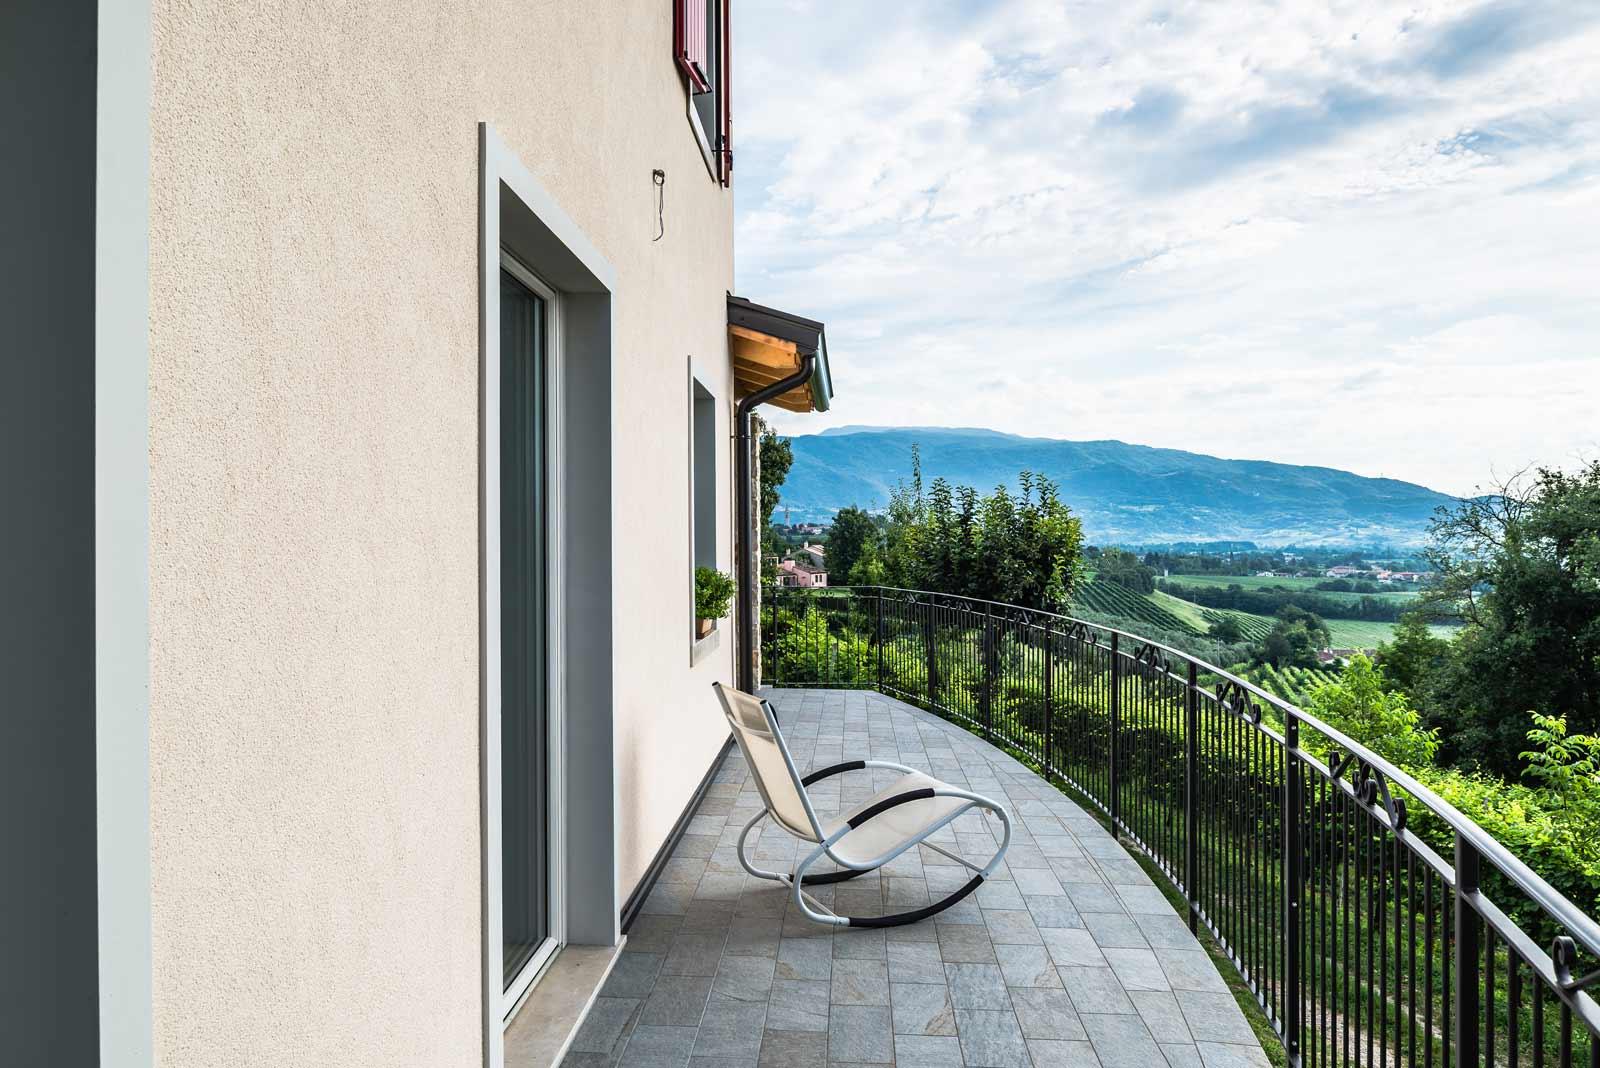 Casa in collina provincia di Treviso Woodbau Longarone